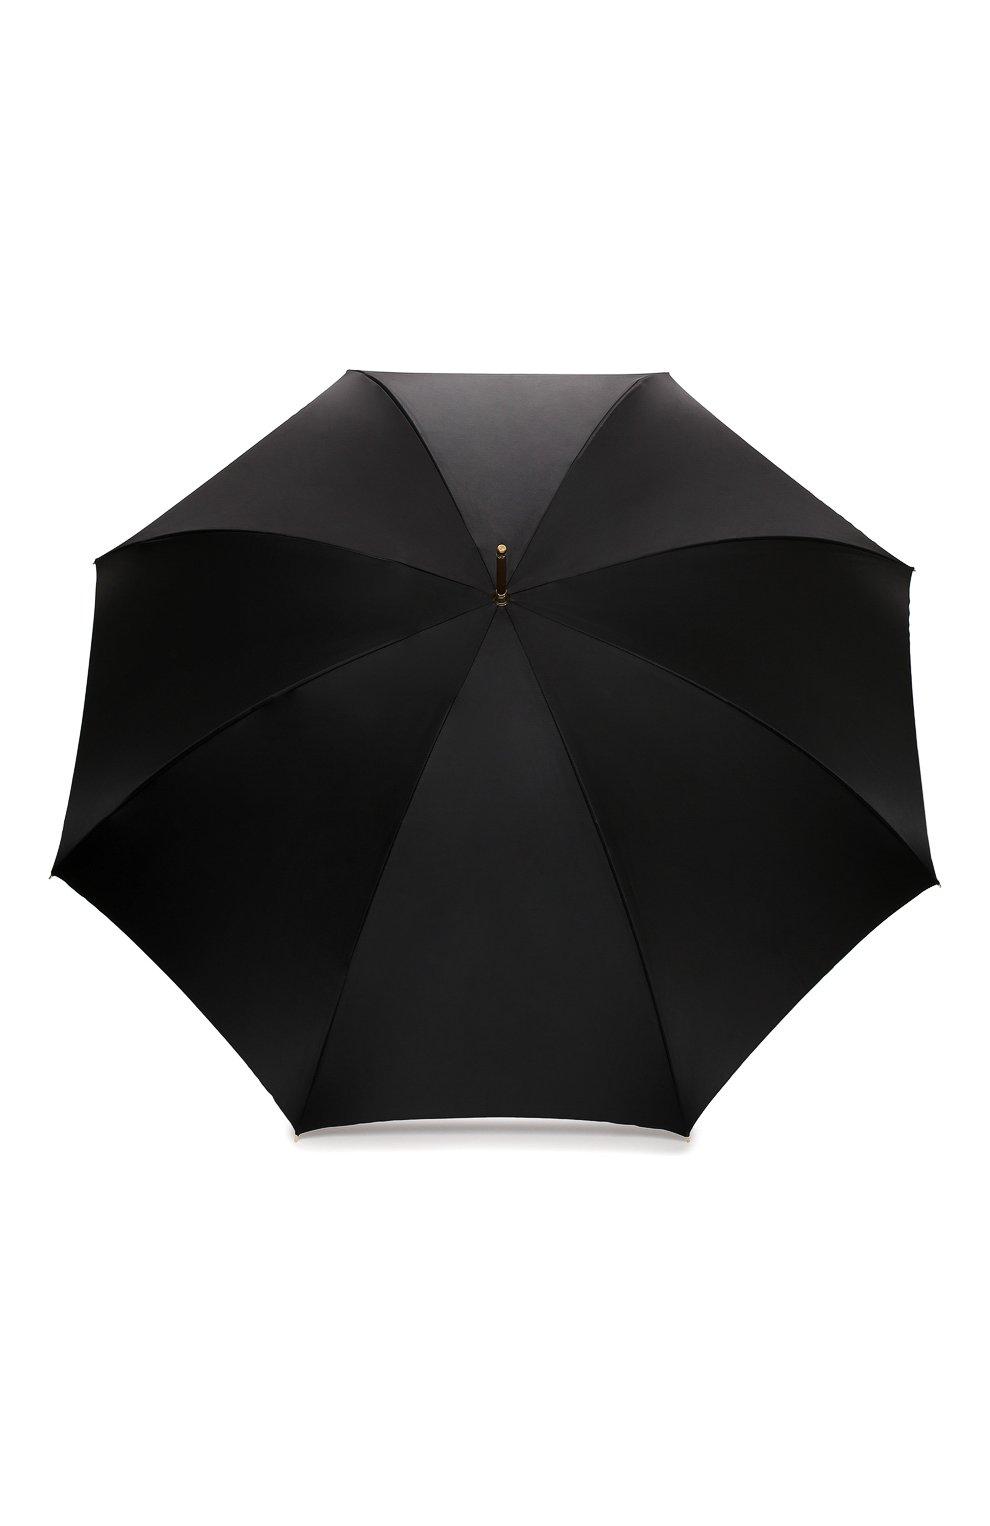 Женский зонт-трость PASOTTI OMBRELLI черного цвета, арт. 189/RAS0 58112/166/A35 | Фото 1 (Материал: Текстиль, Синтетический материал, Металл)